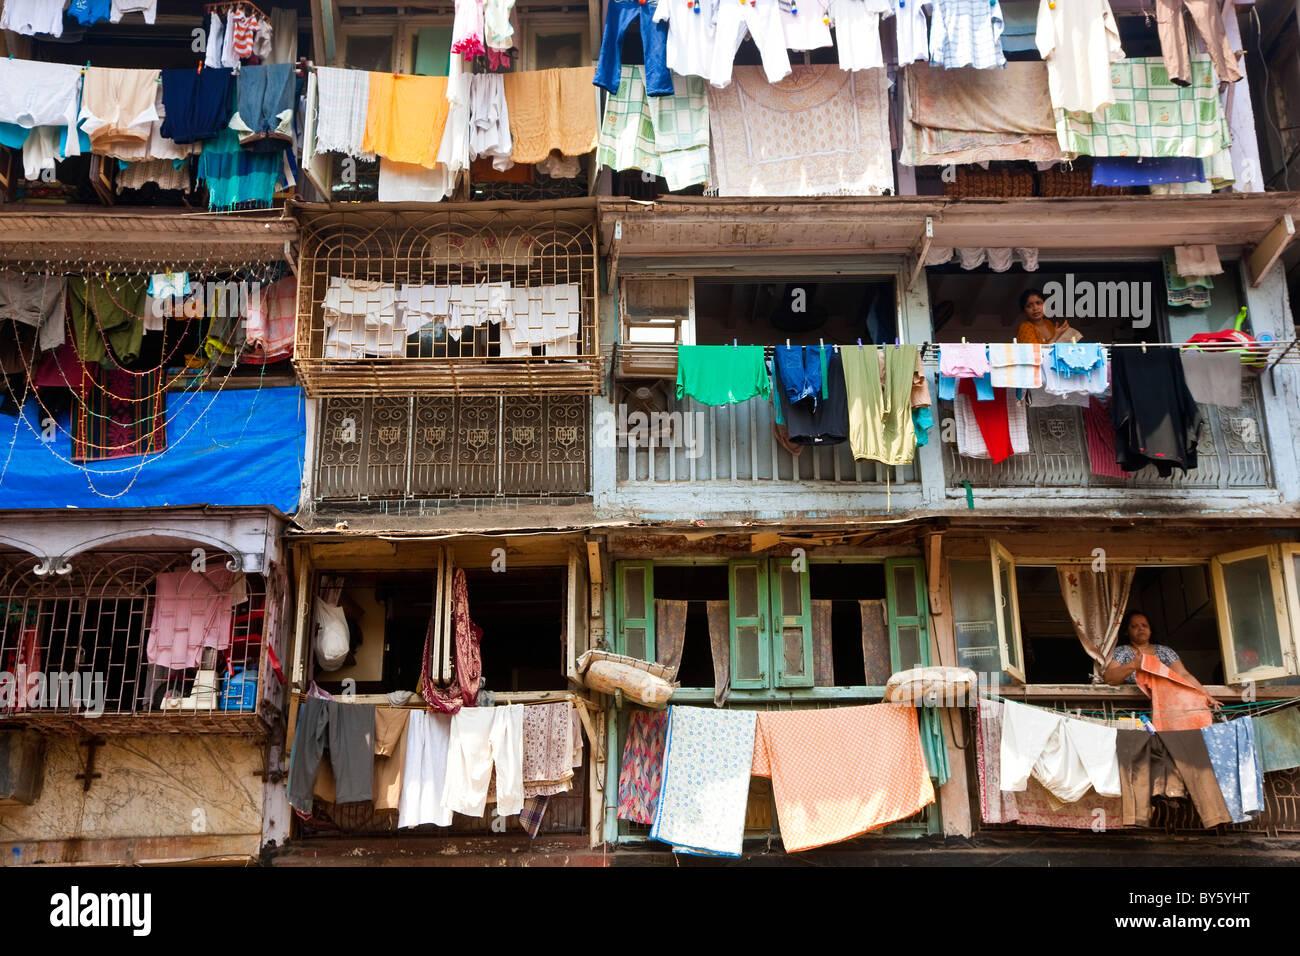 Lavaggio e asciugatura all'esterno appartamenti, Mumbai (Bombay), India Immagini Stock